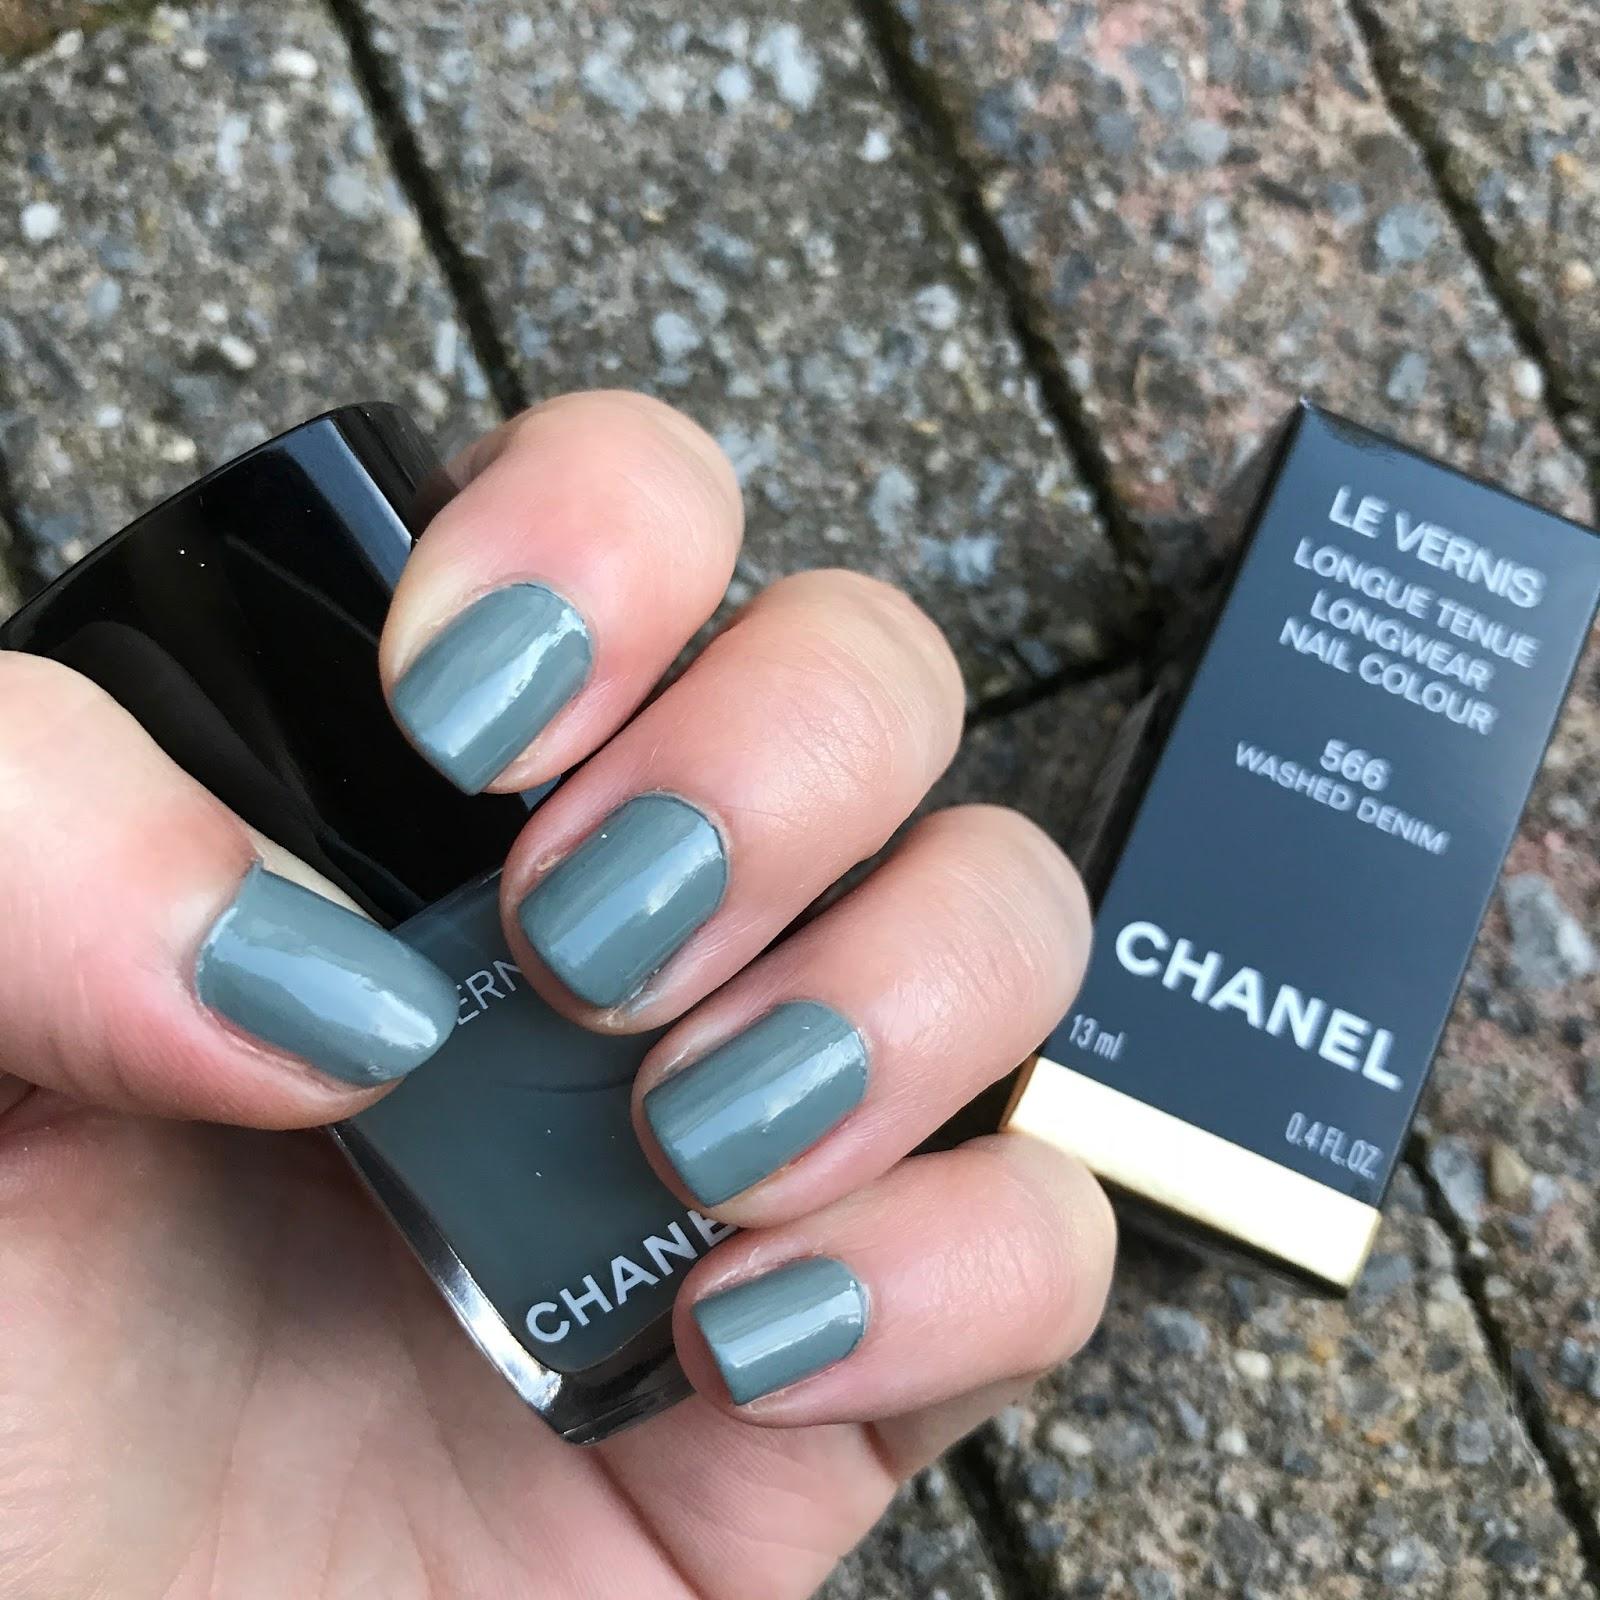 ab81a751089 Voor mijn verjaardag kreeg ik onder van mijn moeder en René andere deze  prachtige nagellak van Chanel. Toen ik hem zag bij de nieuwe Chanel  collectie die ze ...